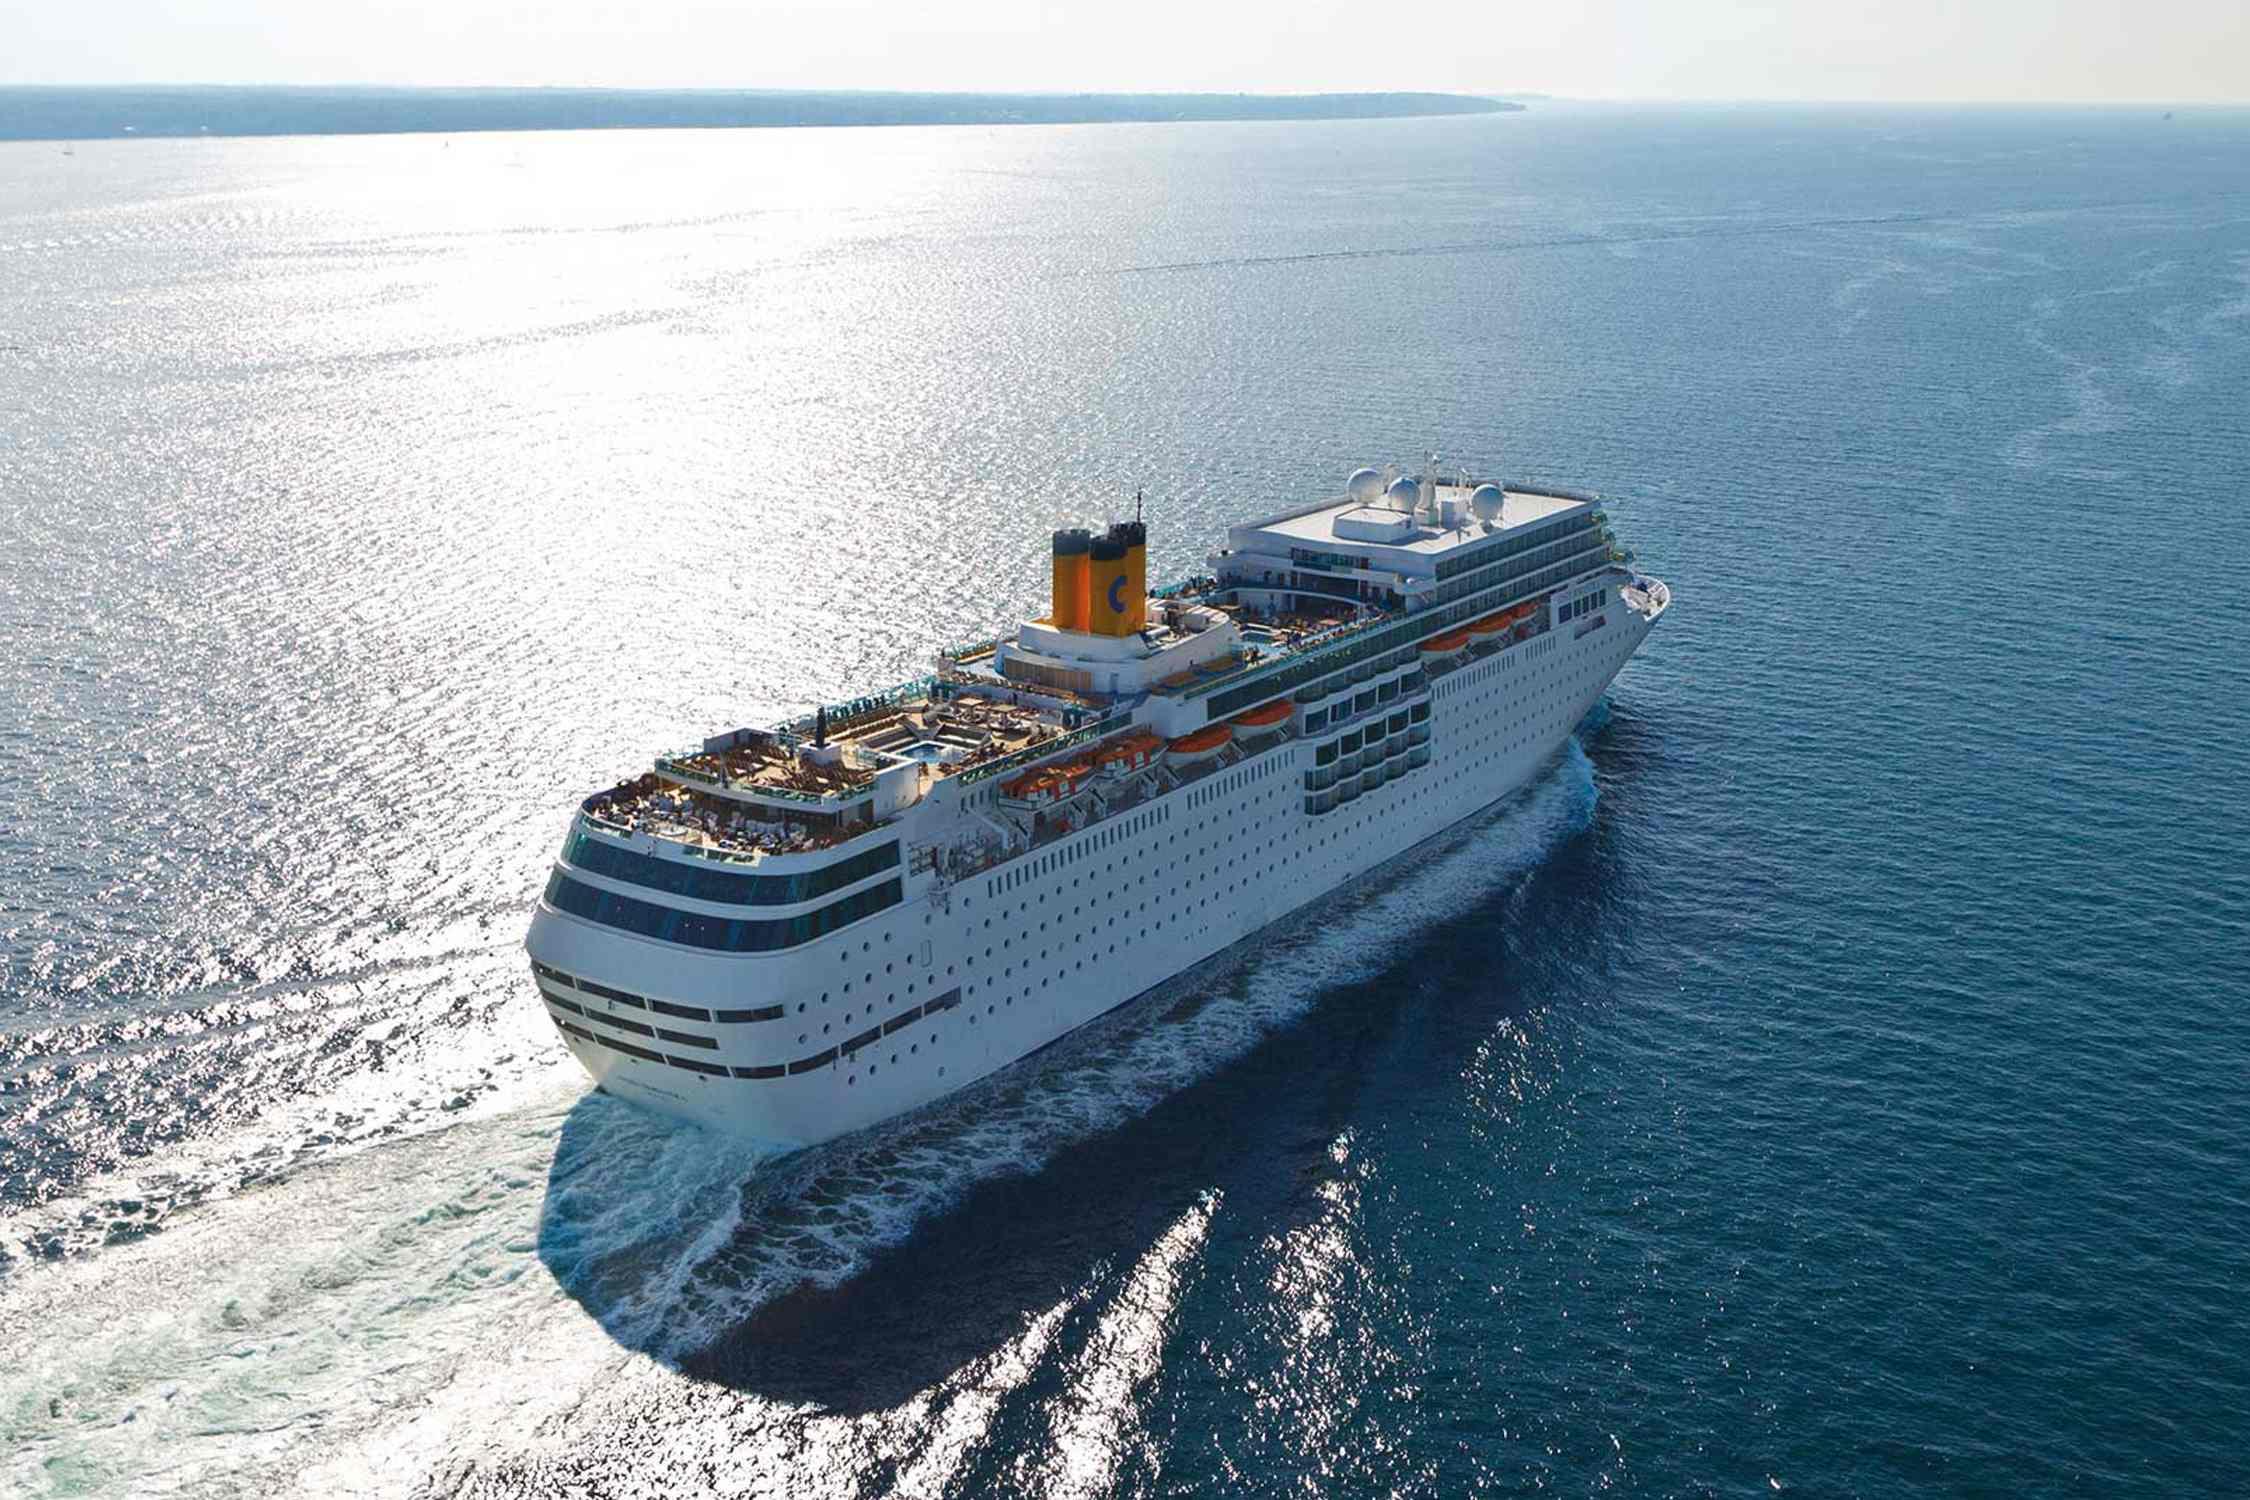 ทัวร์ล่องเรือสำราญ ฟุกุโอกะ – มะอิซุรุ  – คานาซาวะ – ซาไกมินาโตะ –ปูซาน - ฟุกุโอกะ 7 วัน 5คืน